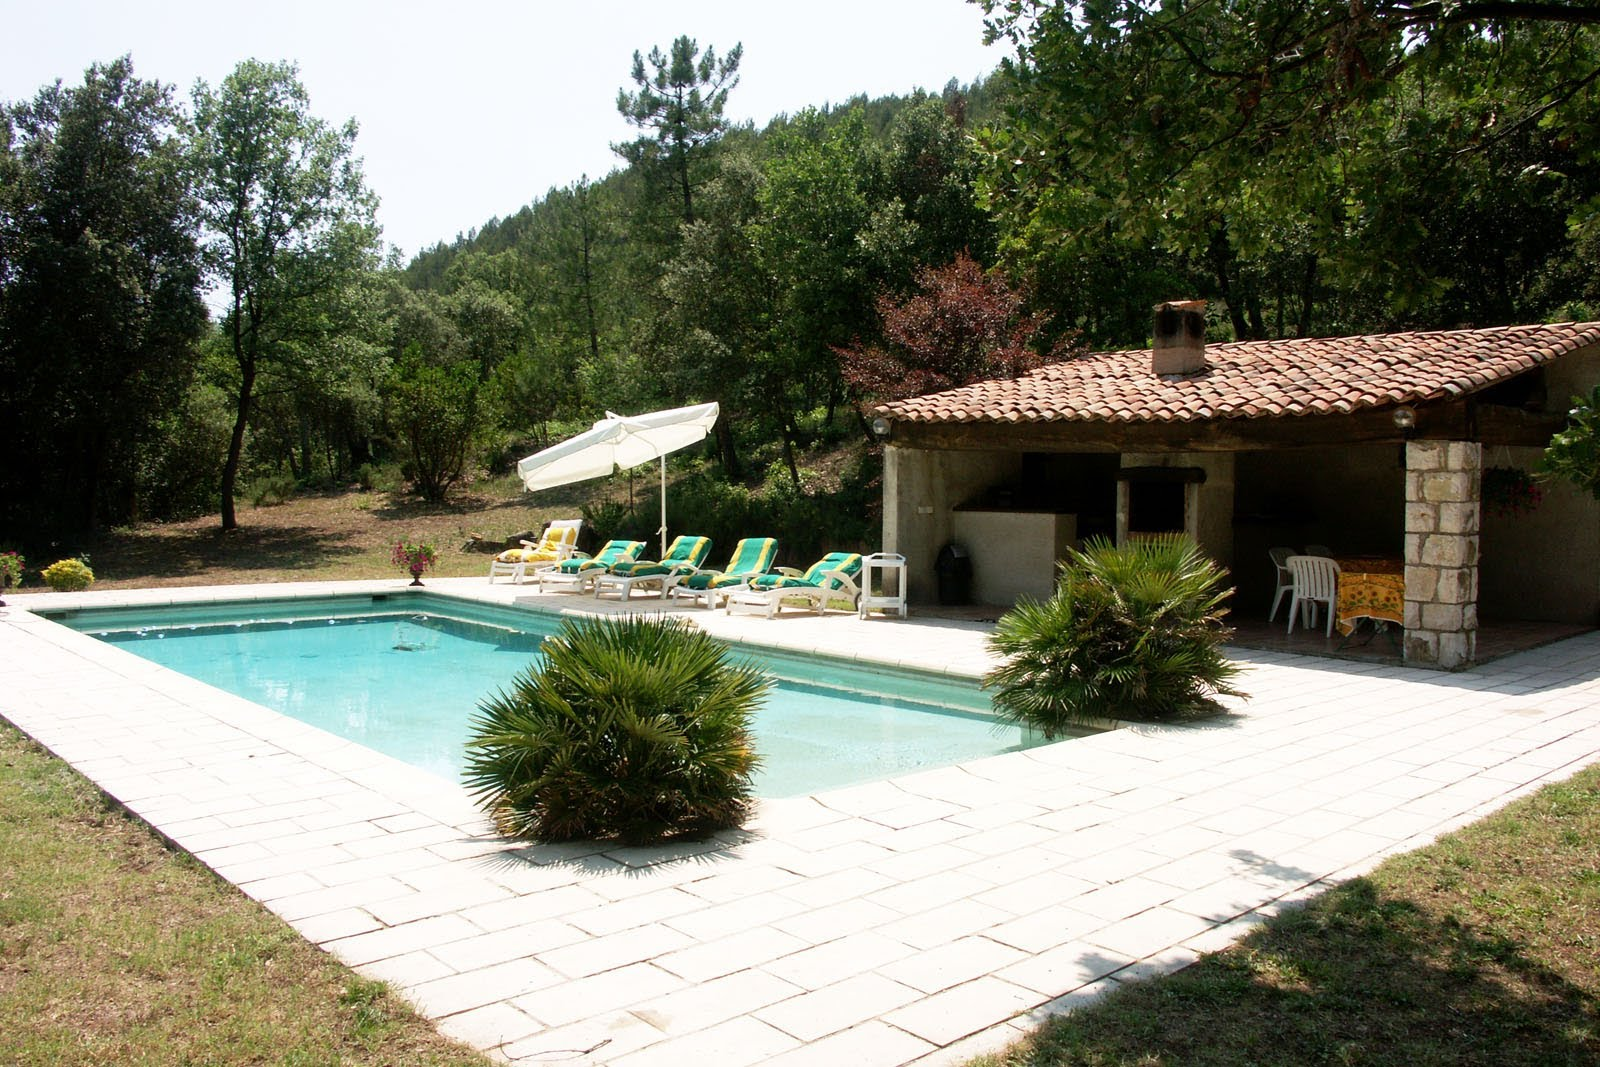 Maison de vacances italie avec piscine